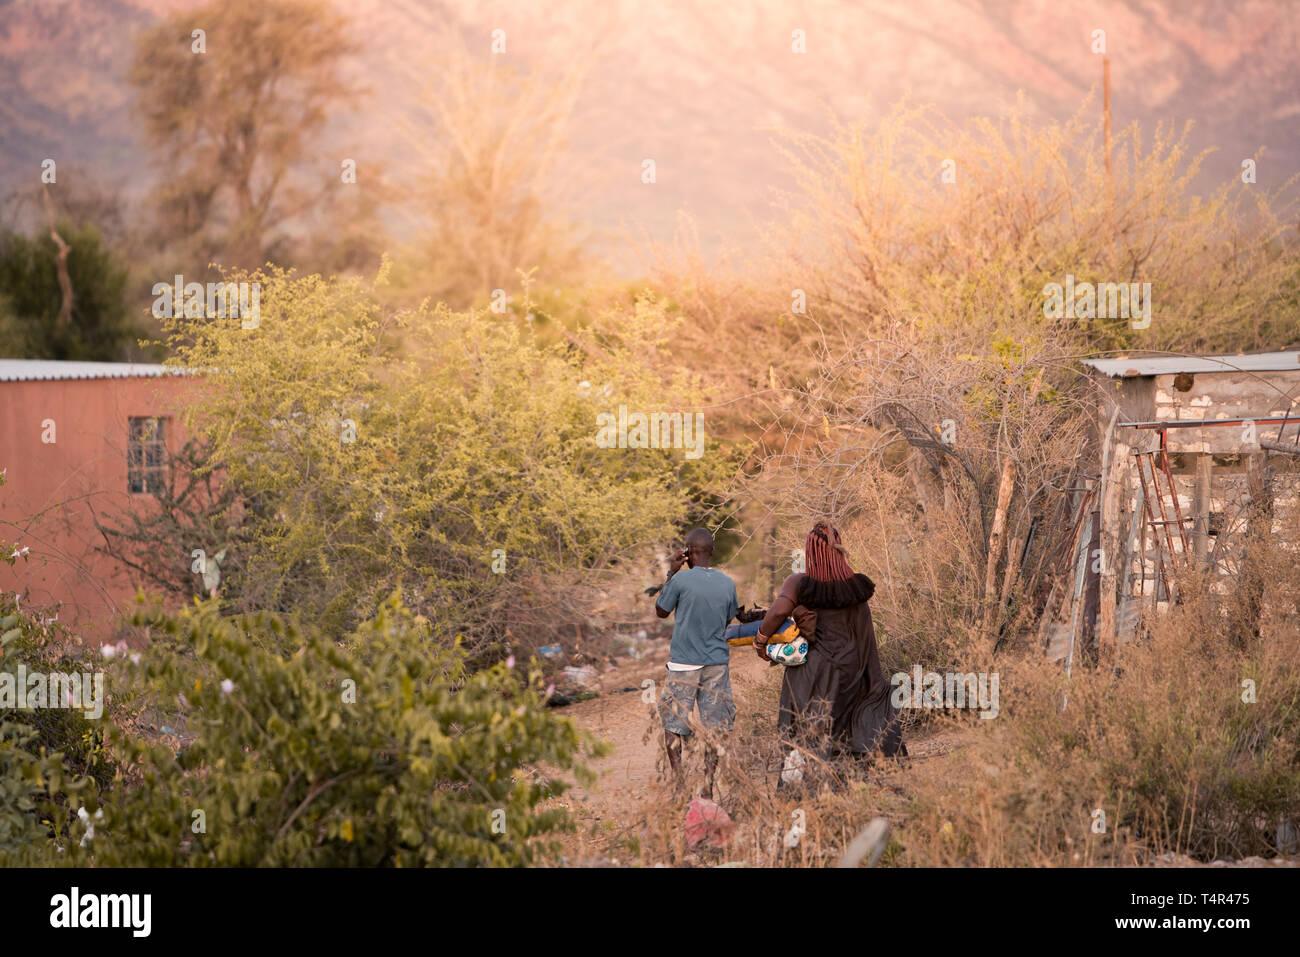 Opuwo/Namibia - November 6 2018: A man and Himba woman walking into the bushes at sunset - Stock Image